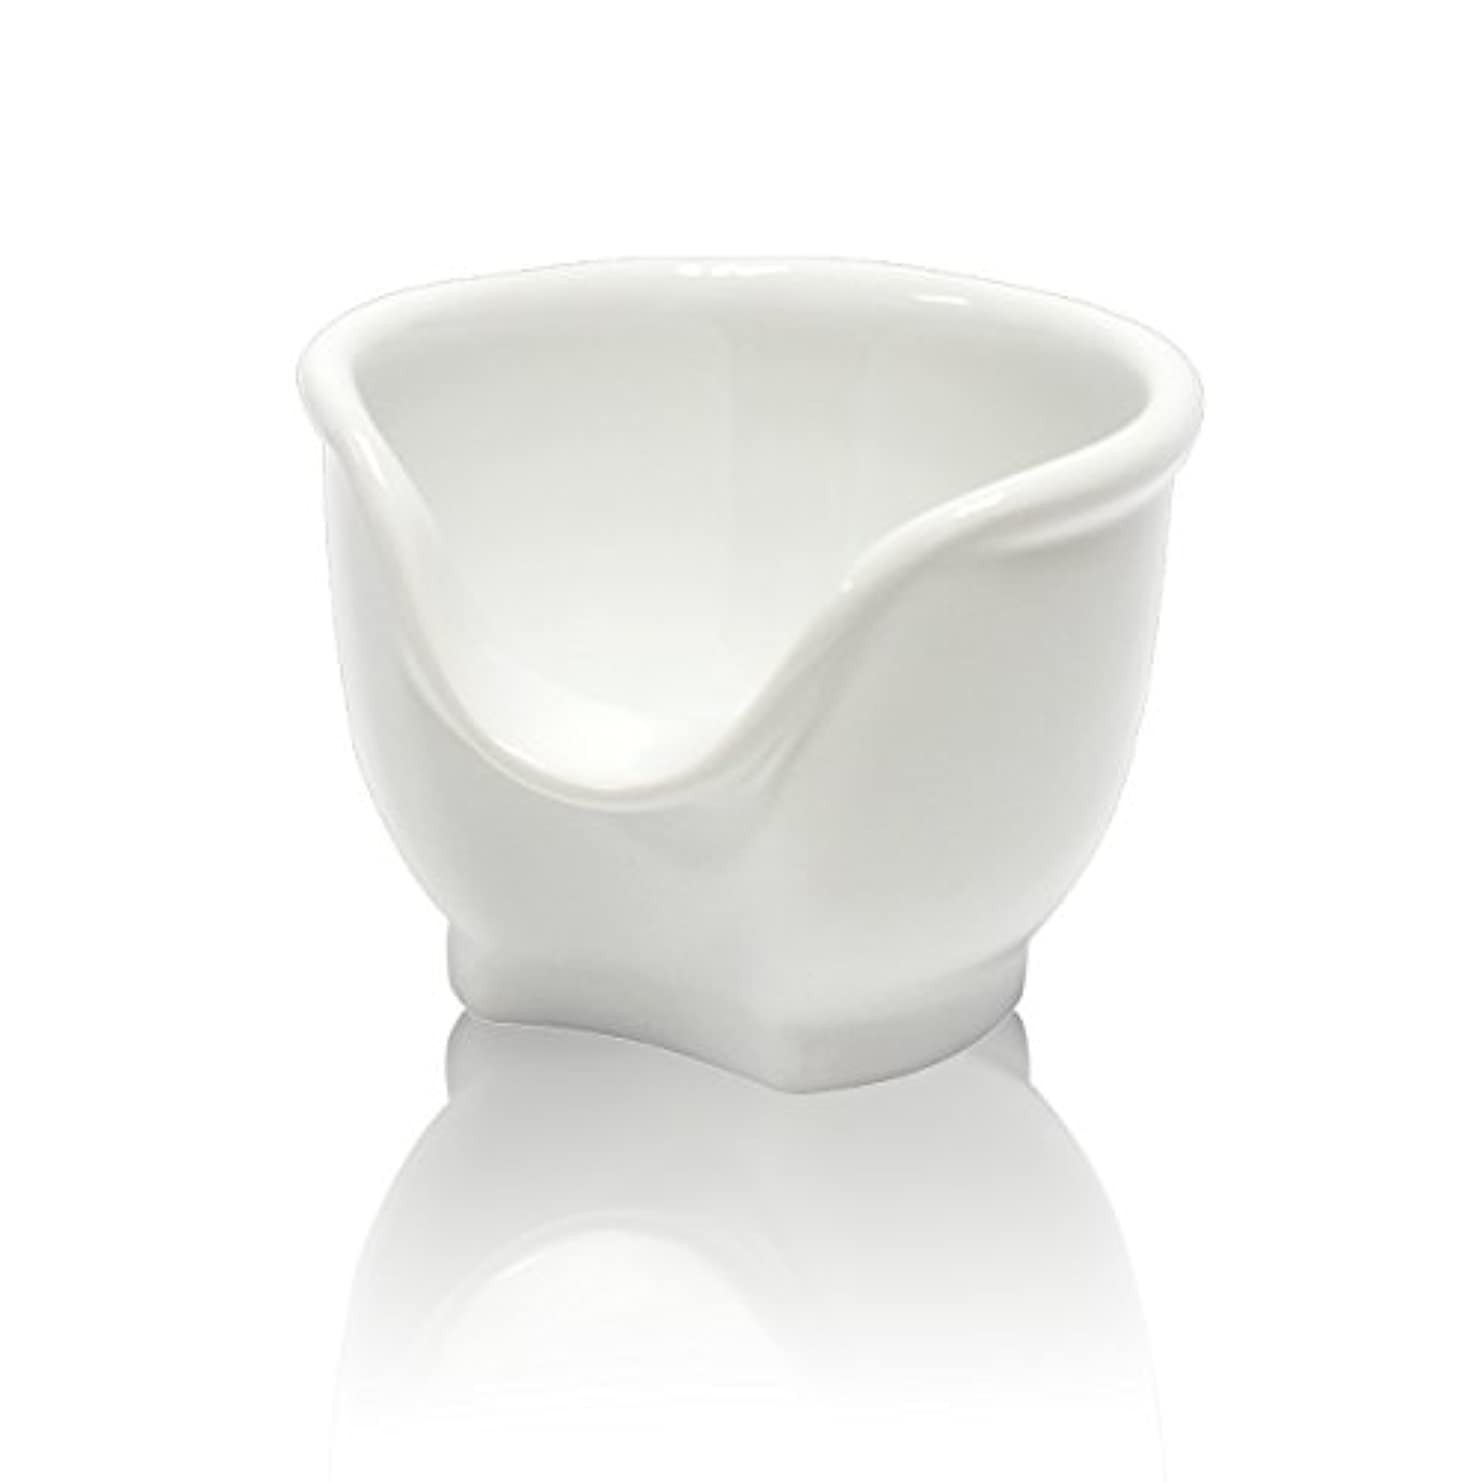 不毛の合併症工業化するSignstek 磁器製シェービングカップ シェービングボウル 髭剃り石鹸カップ ホワイト